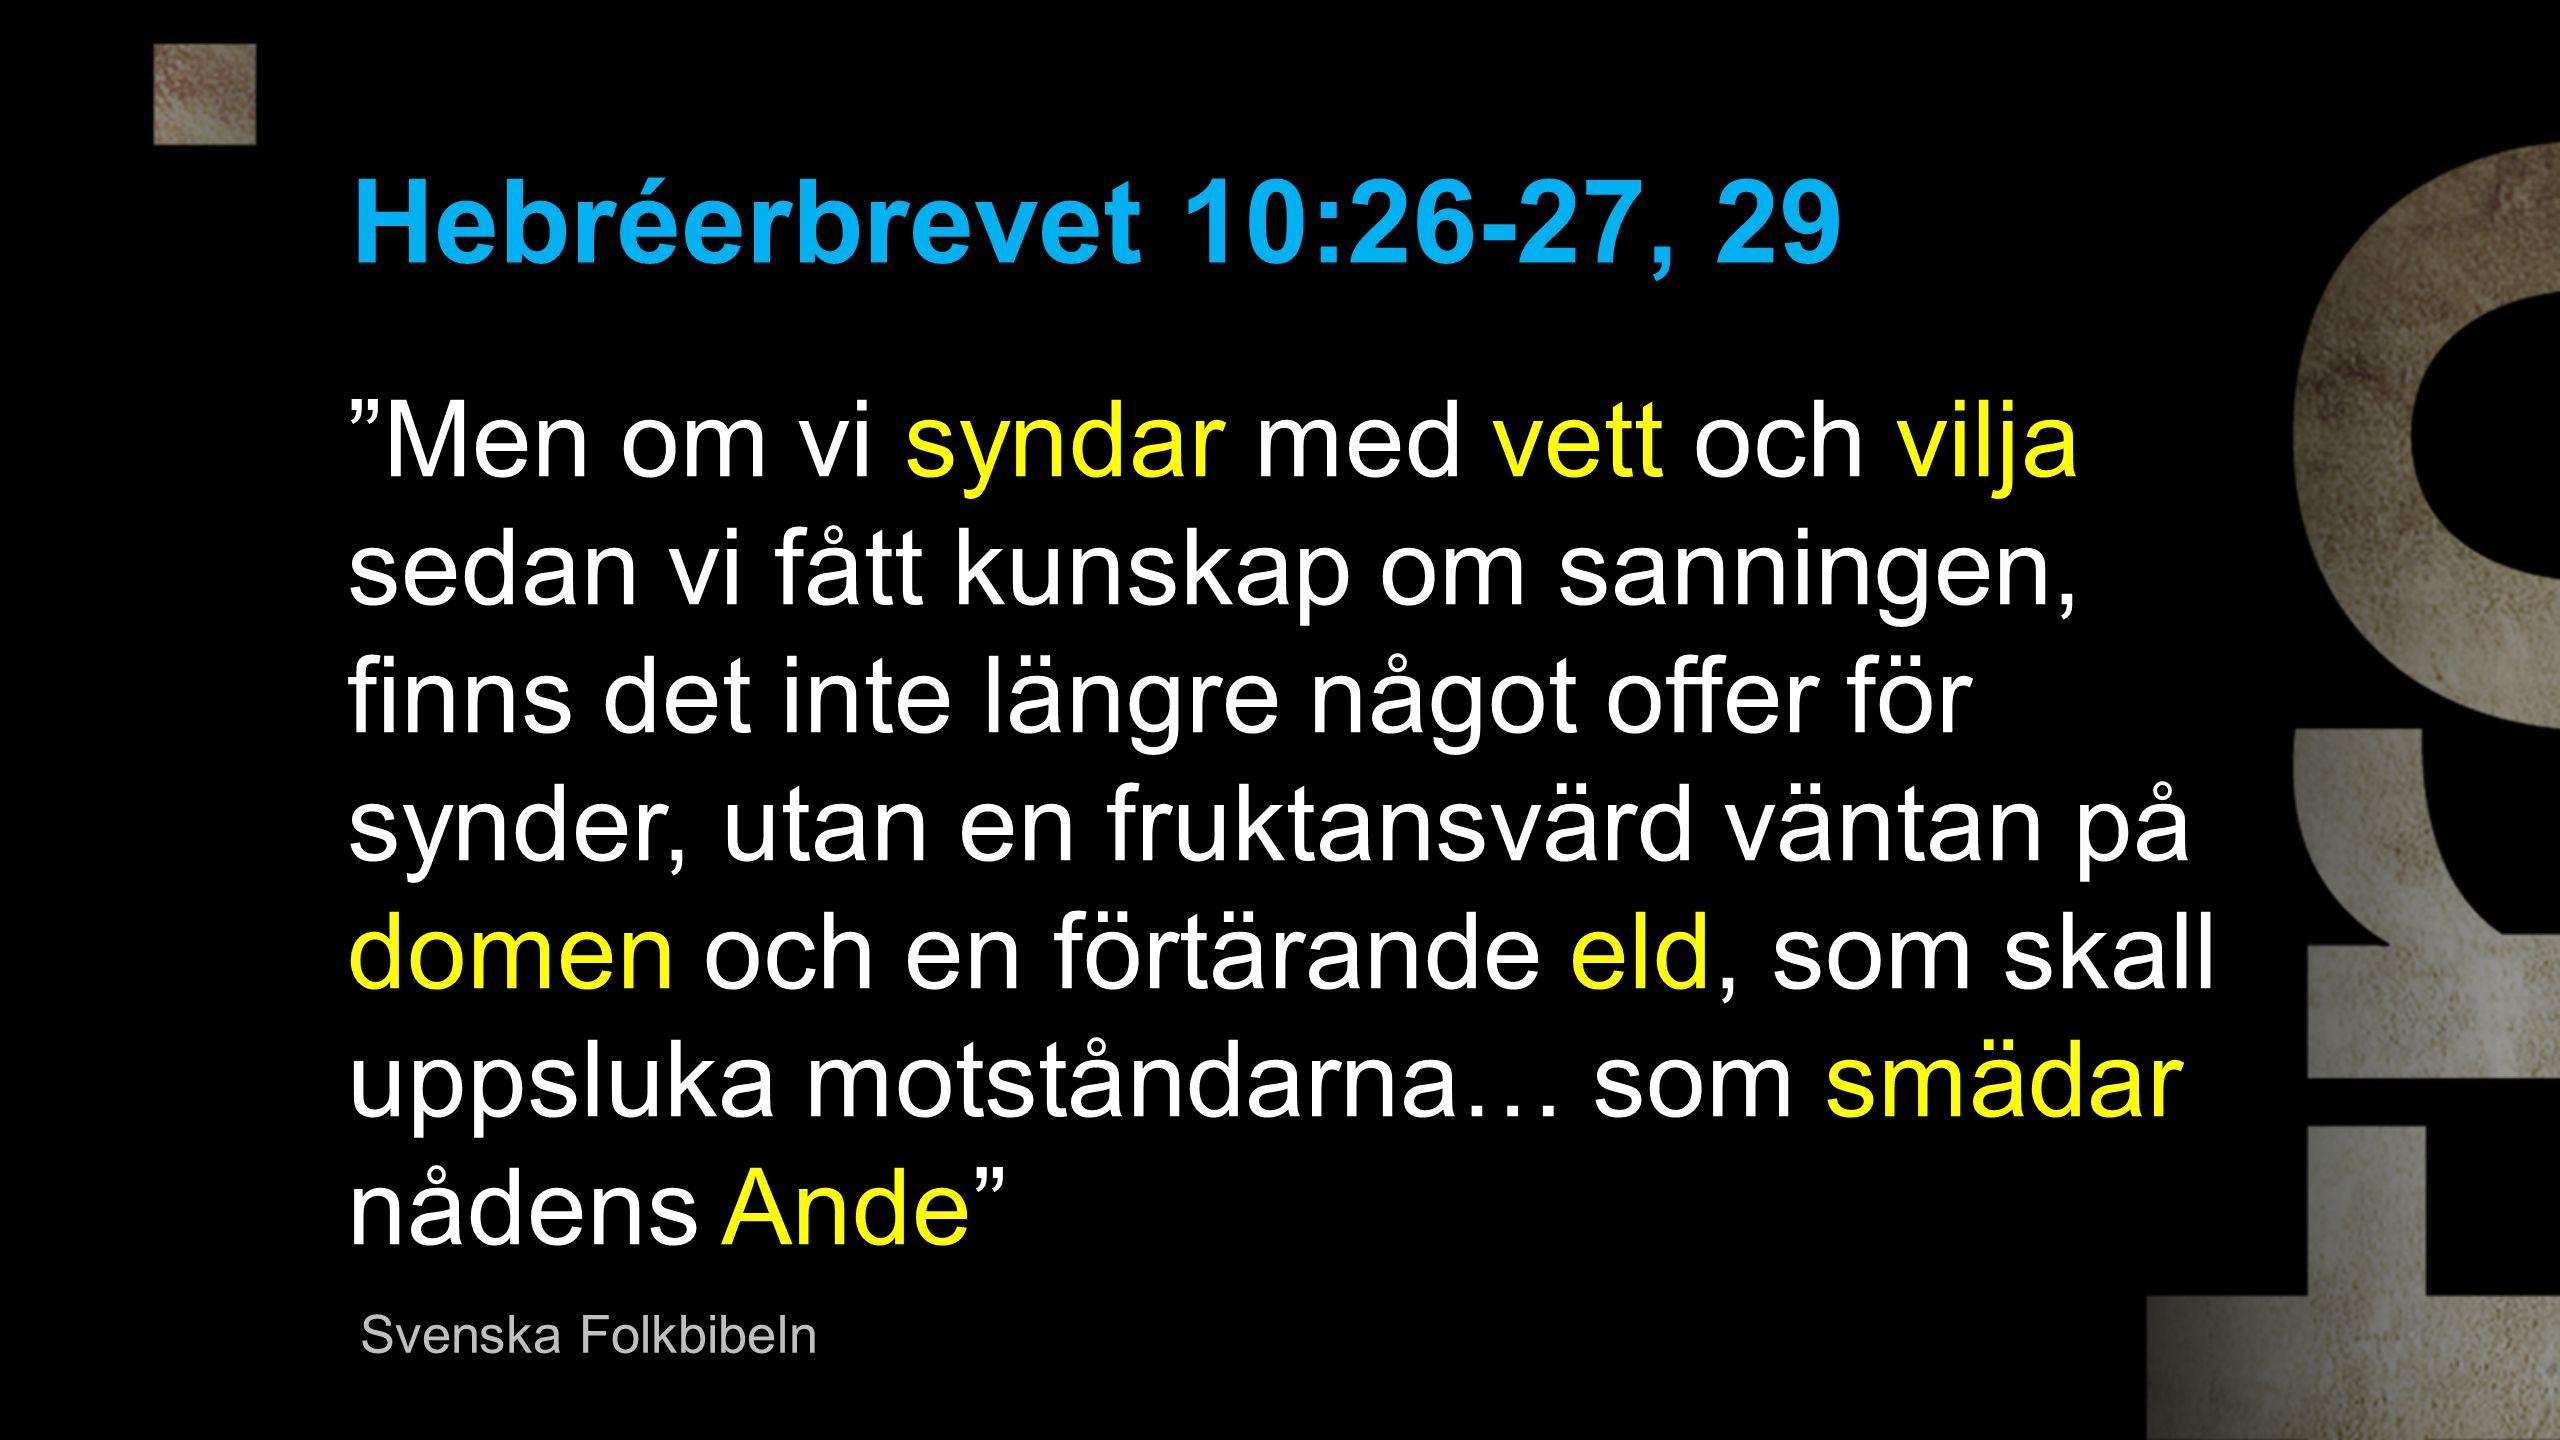 Men om vi syndar med vett och vilja sedan vi fått kunskap om sanningen, finns det inte längre något offer för synder, utan en fruktansvärd väntan på domen och en förtärande eld, som skall uppsluka motståndarna… som smädar nådens Ande Hebréerbrevet 10:26-27, 29 Svenska Folkbibeln